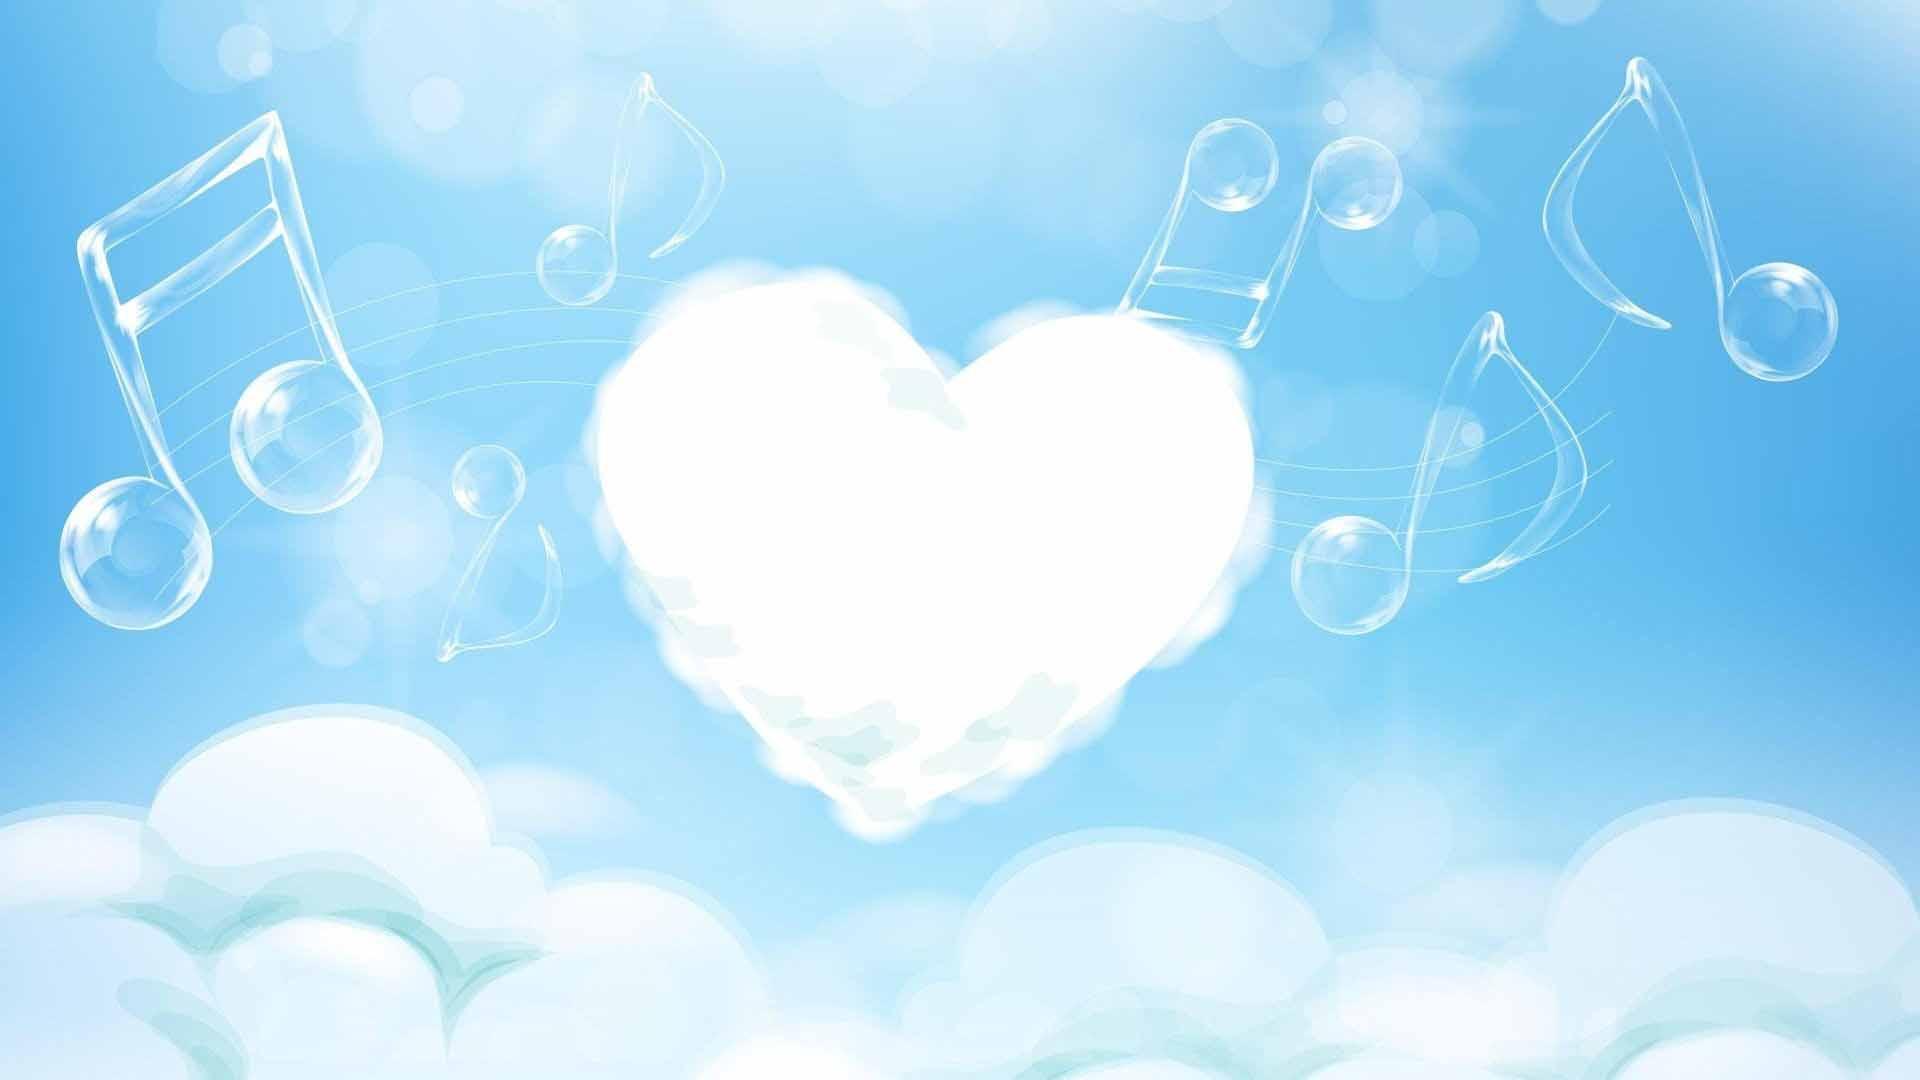 Hình ảnh mây trái tim âm nhạc